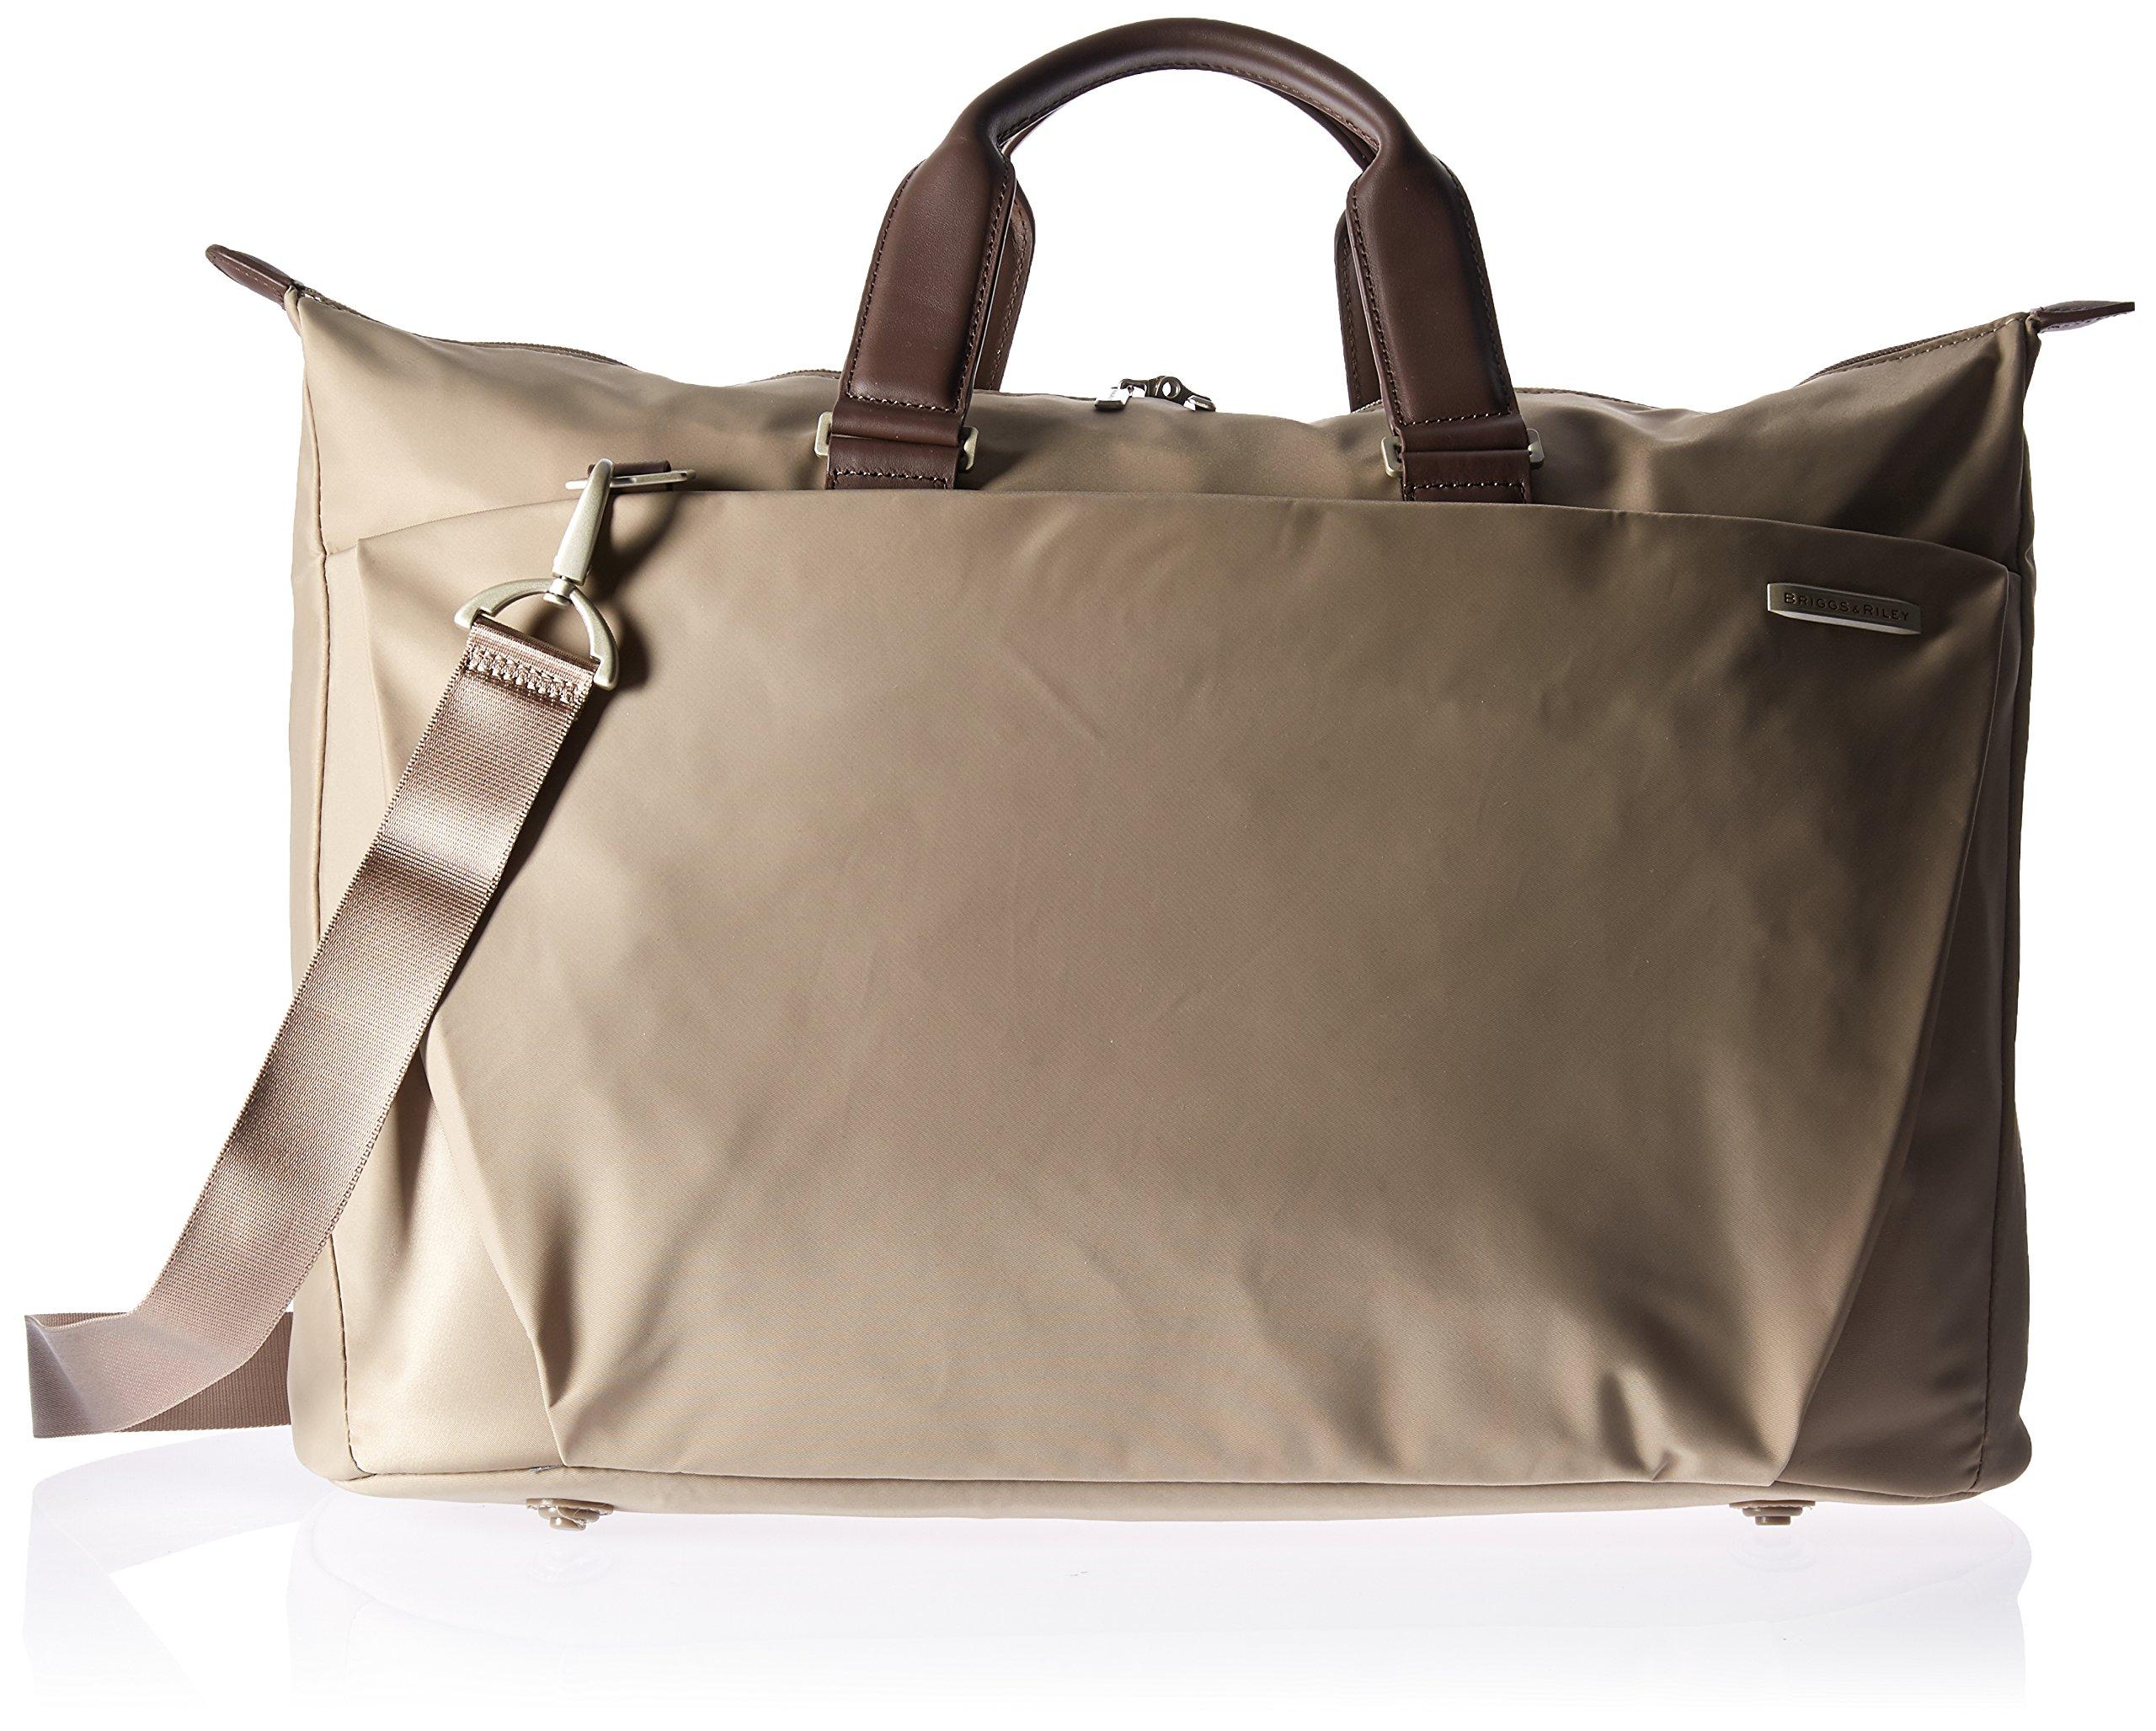 Briggs & Riley Sympatico Weekender Duffel Bag, Caramel, One Size by Briggs & Riley